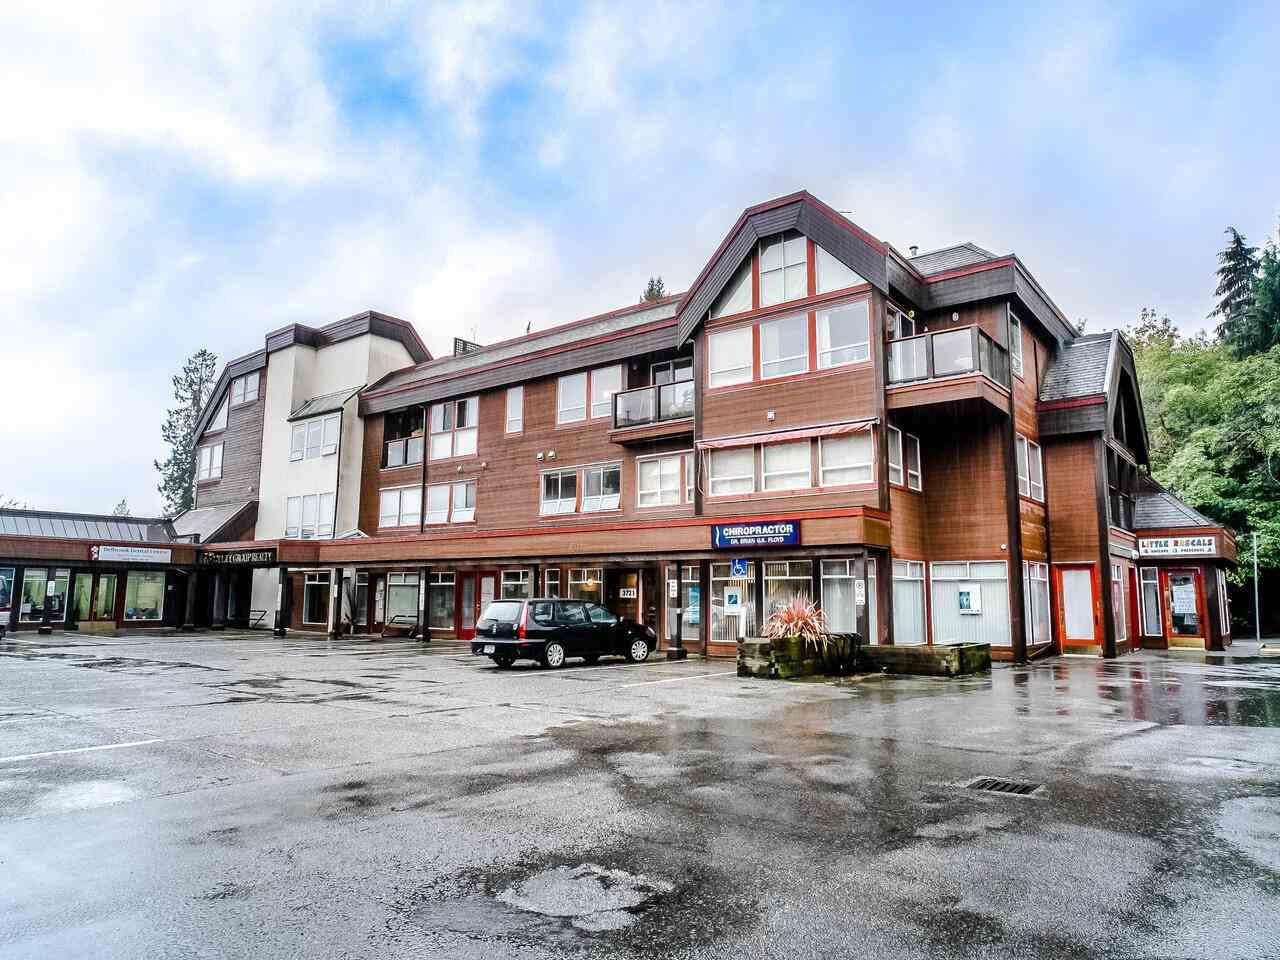 Main Photo: 211 3721 DELBROOK Avenue in North Vancouver: Upper Delbrook Condo for sale : MLS®# R2527904